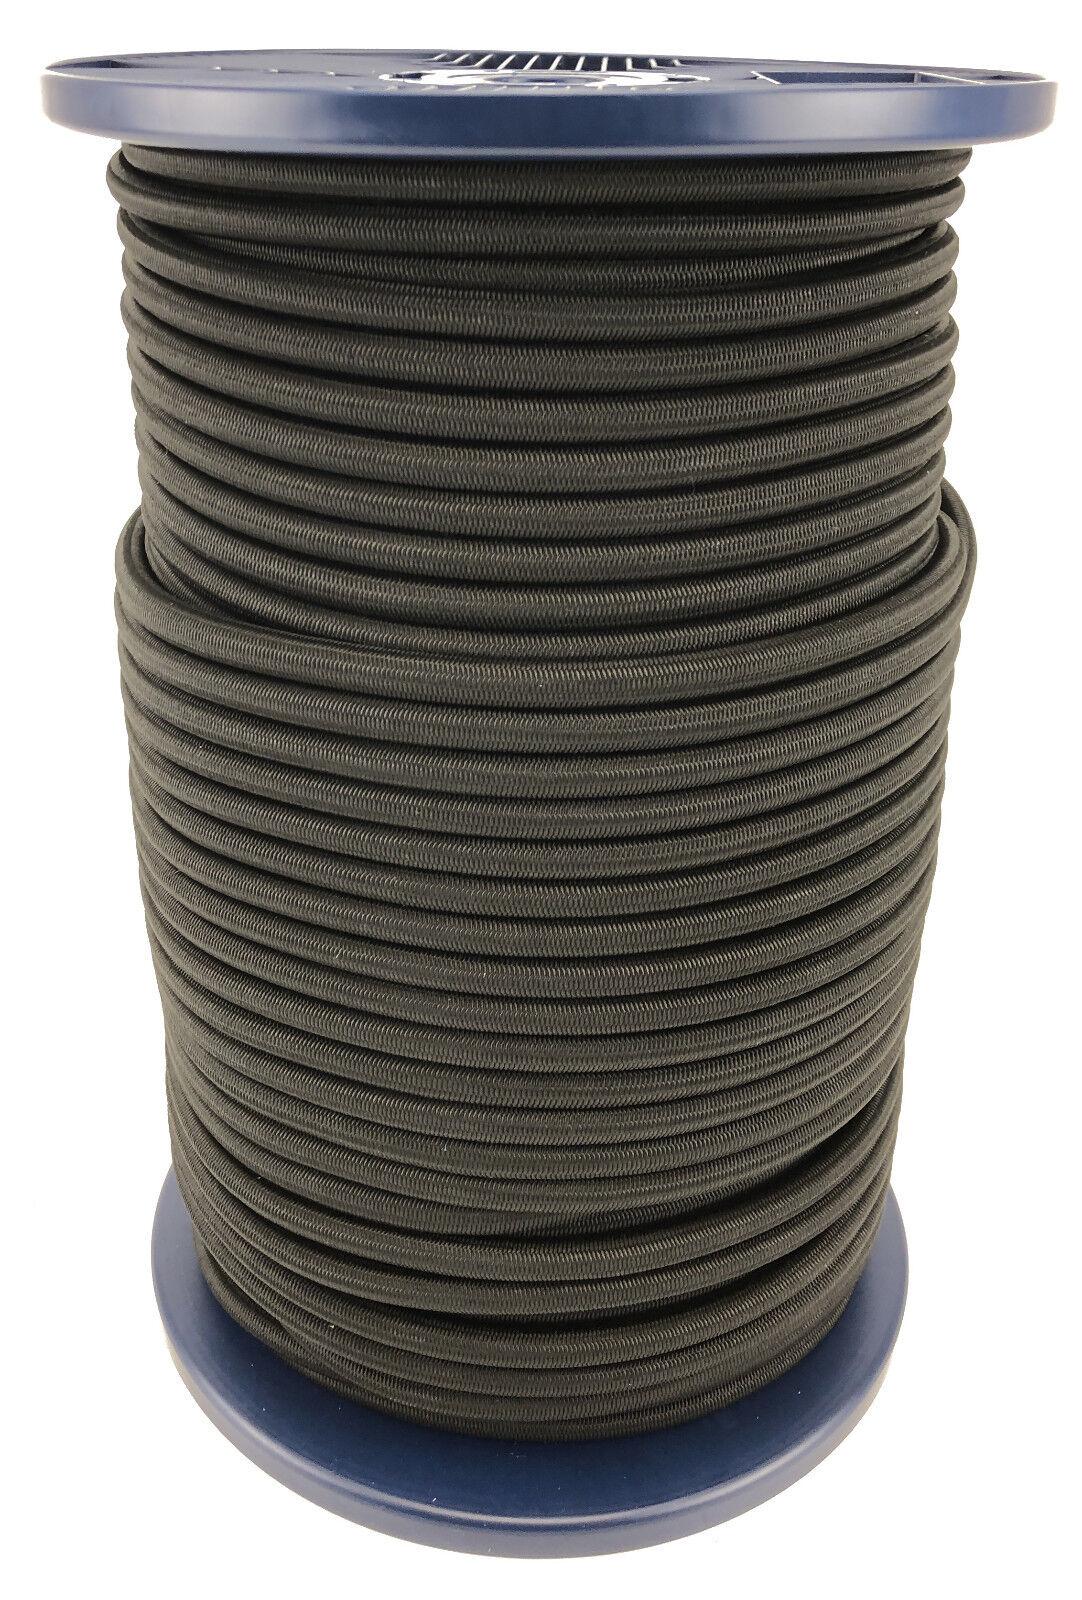 8mm schwarz Elastischer Gummizug Seil gummiseil binden Sie überleben